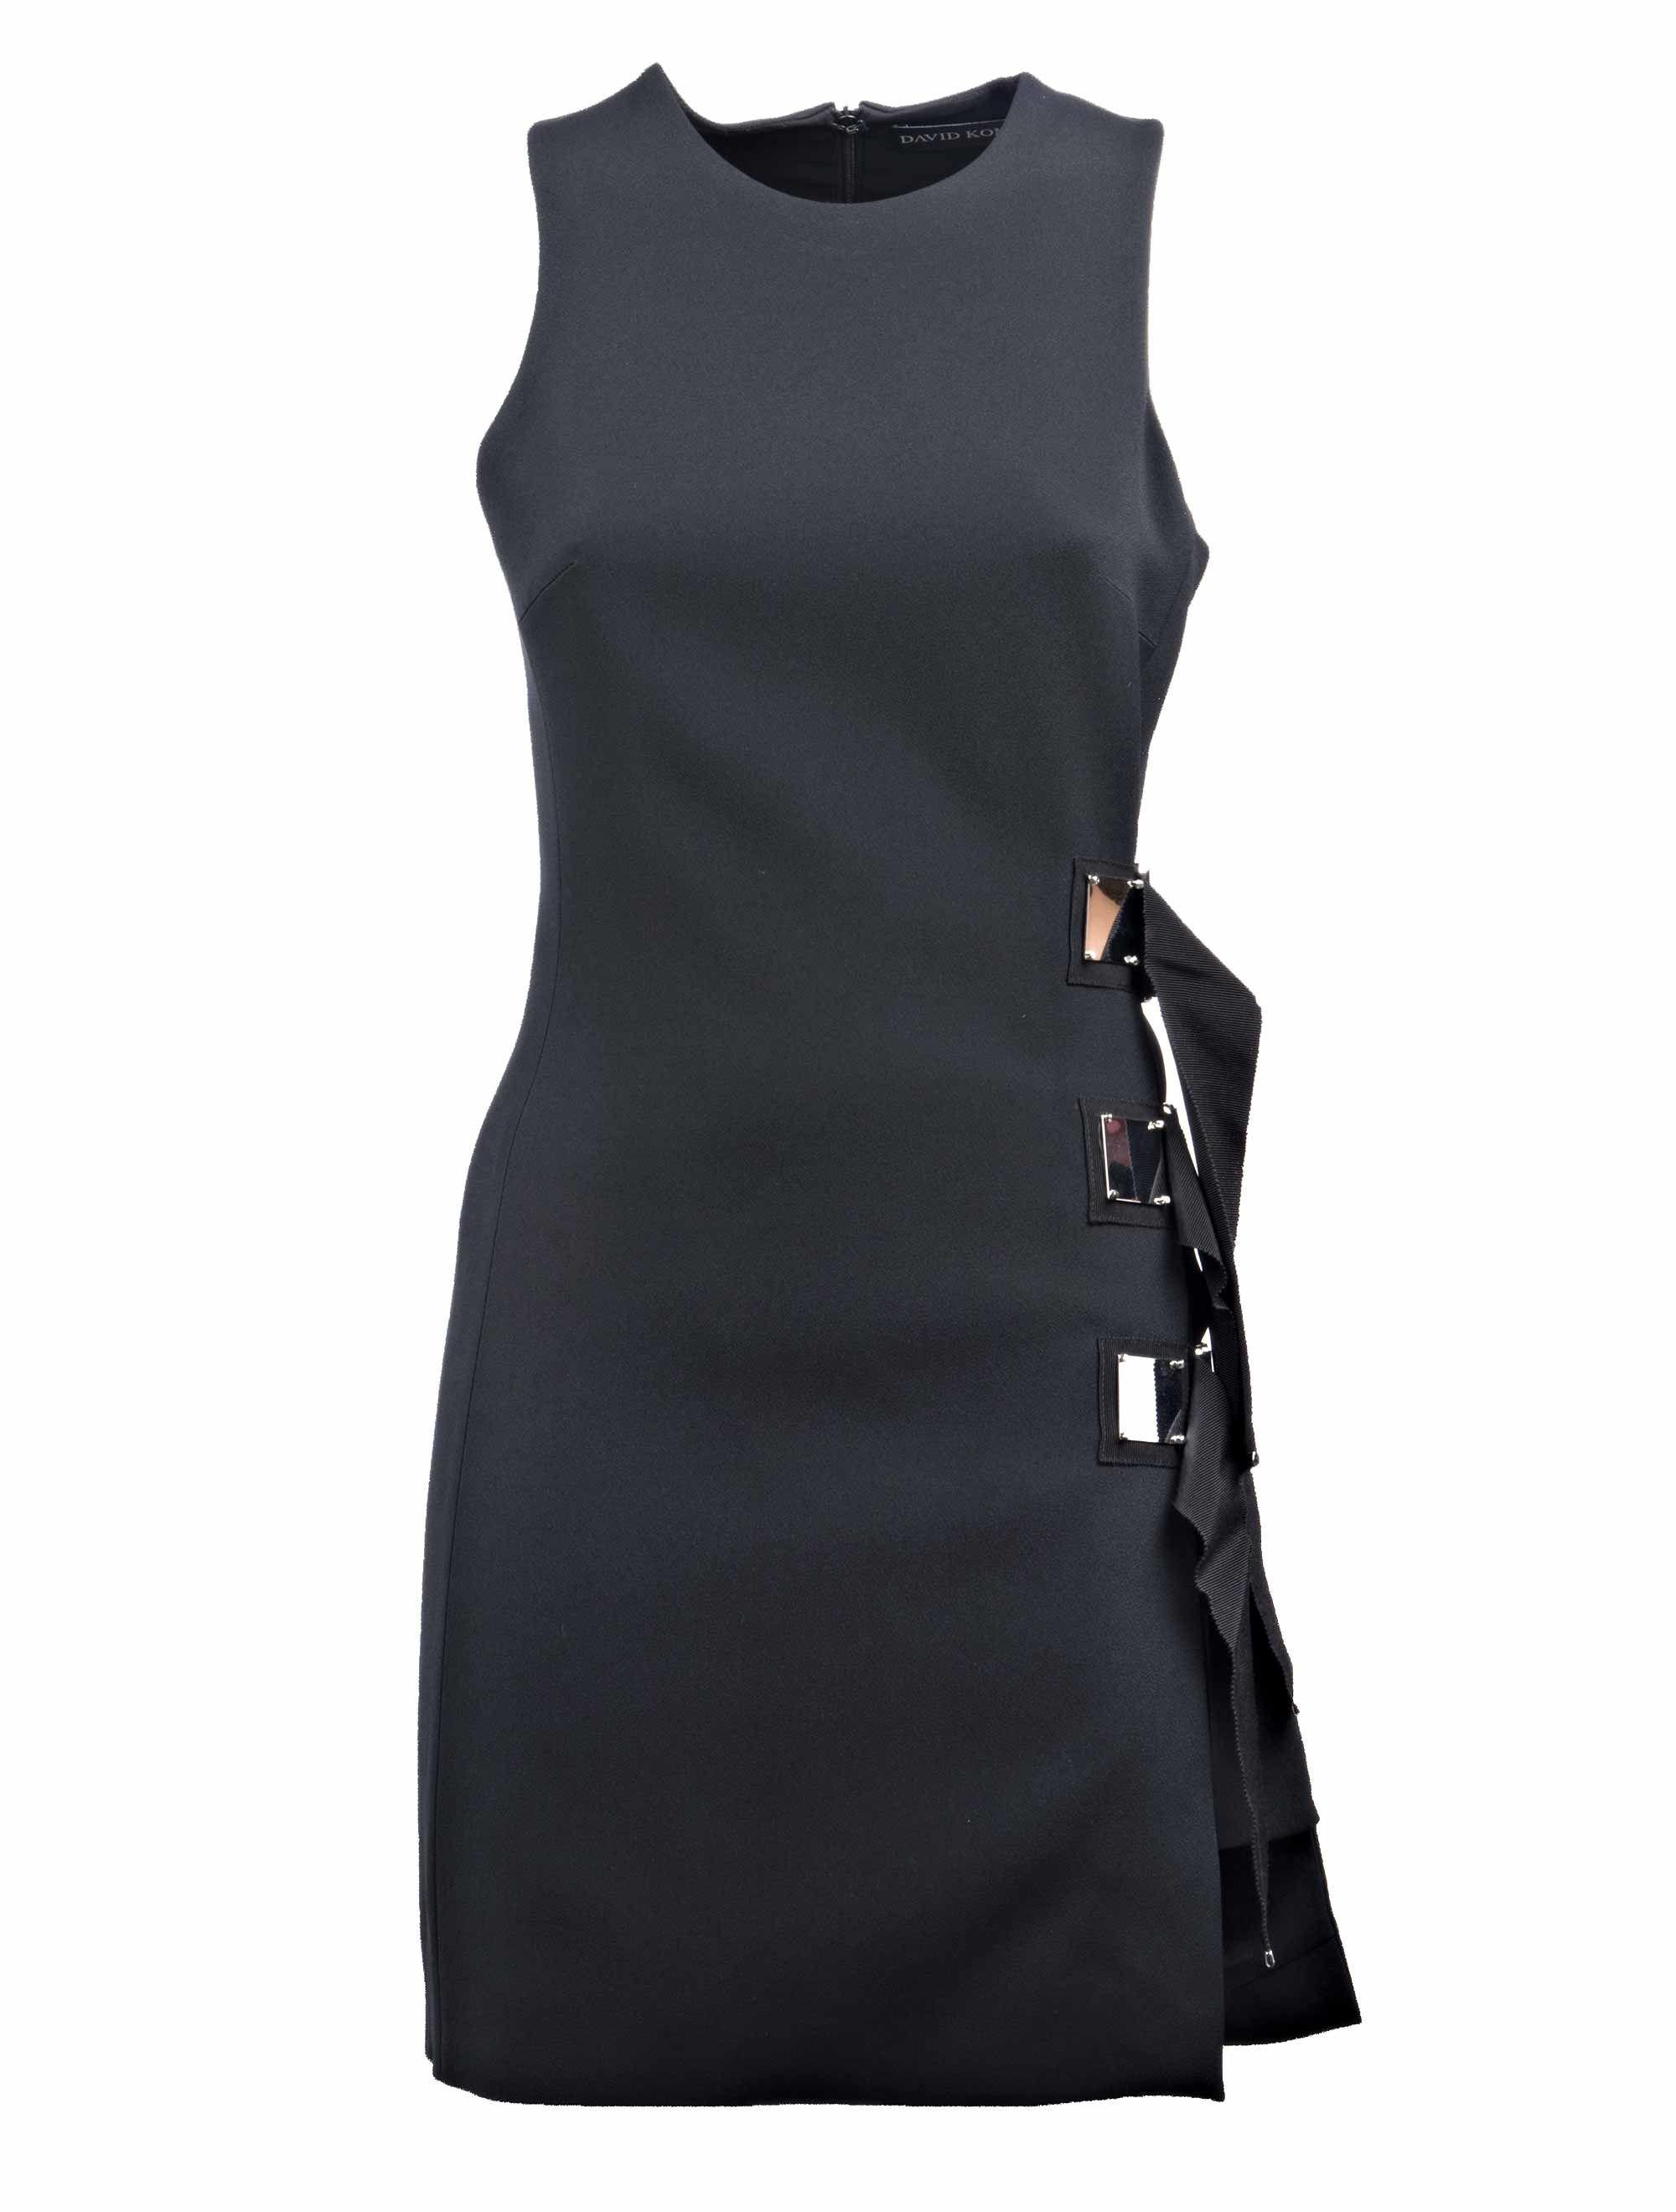 David Koma Square Mini Dress